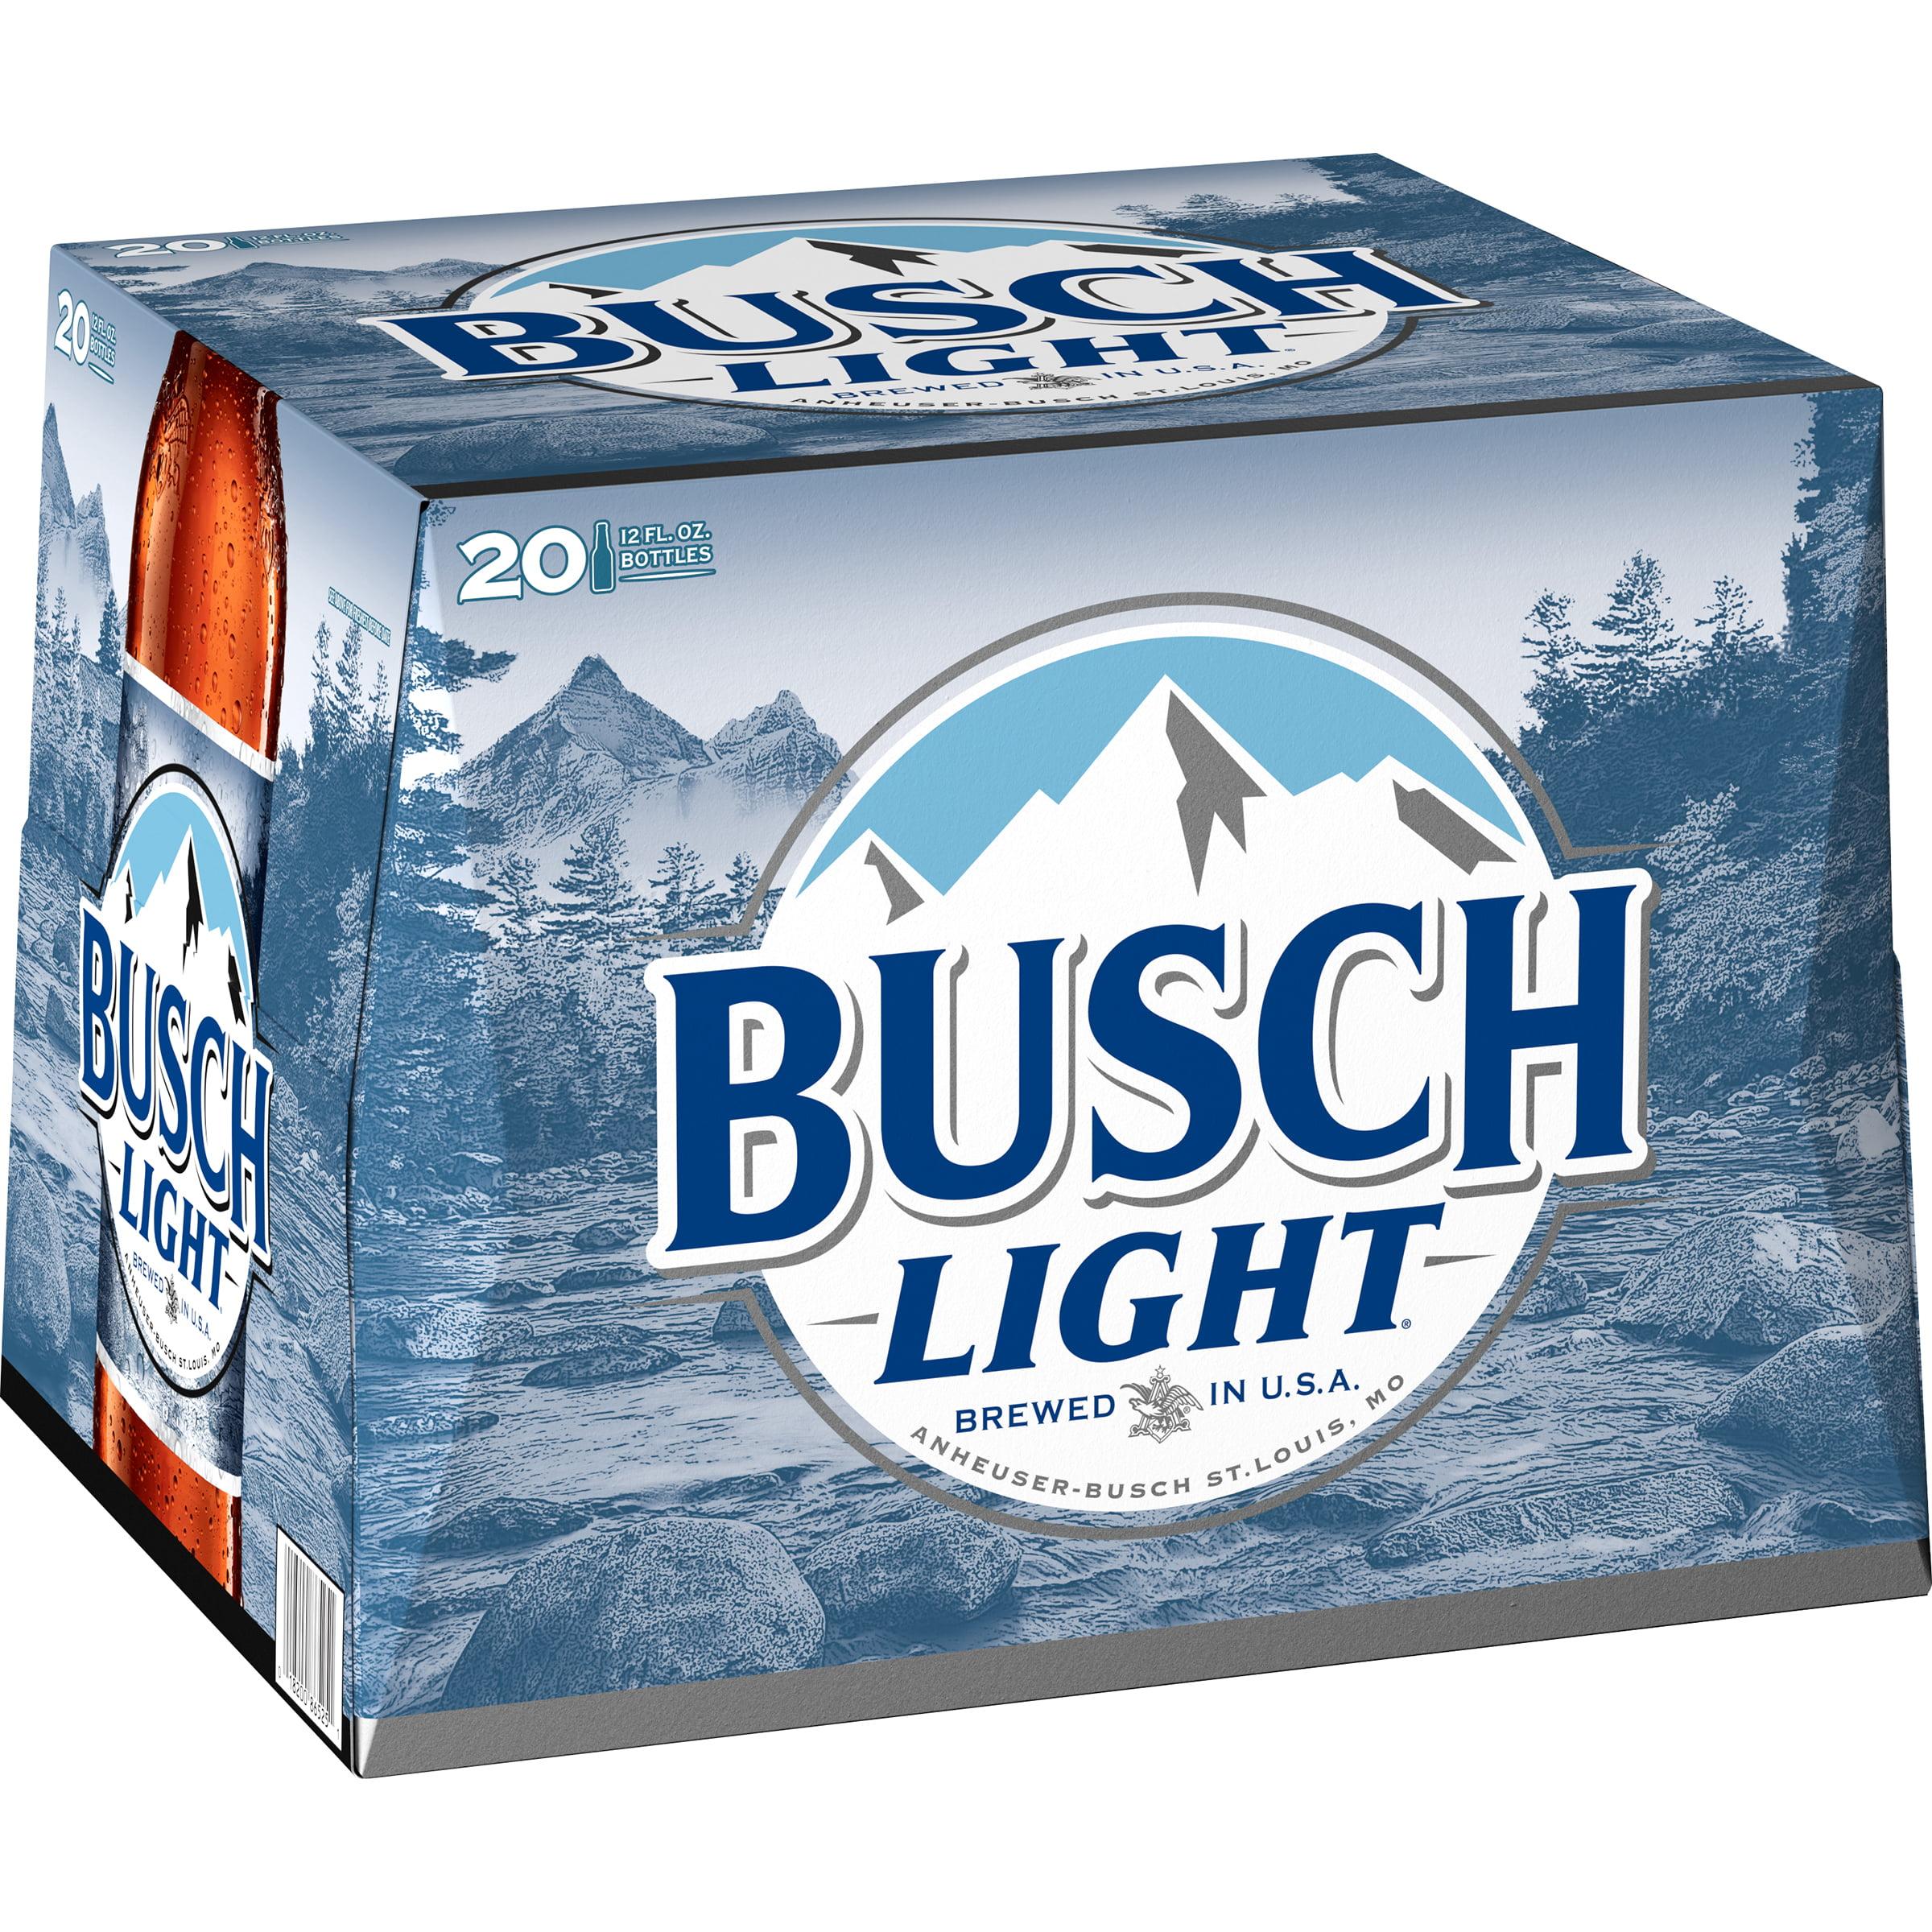 Busch Light Beer 20 Pack 12 Fl Oz Bottles 4 1 Abv Walmart Com Walmart Com